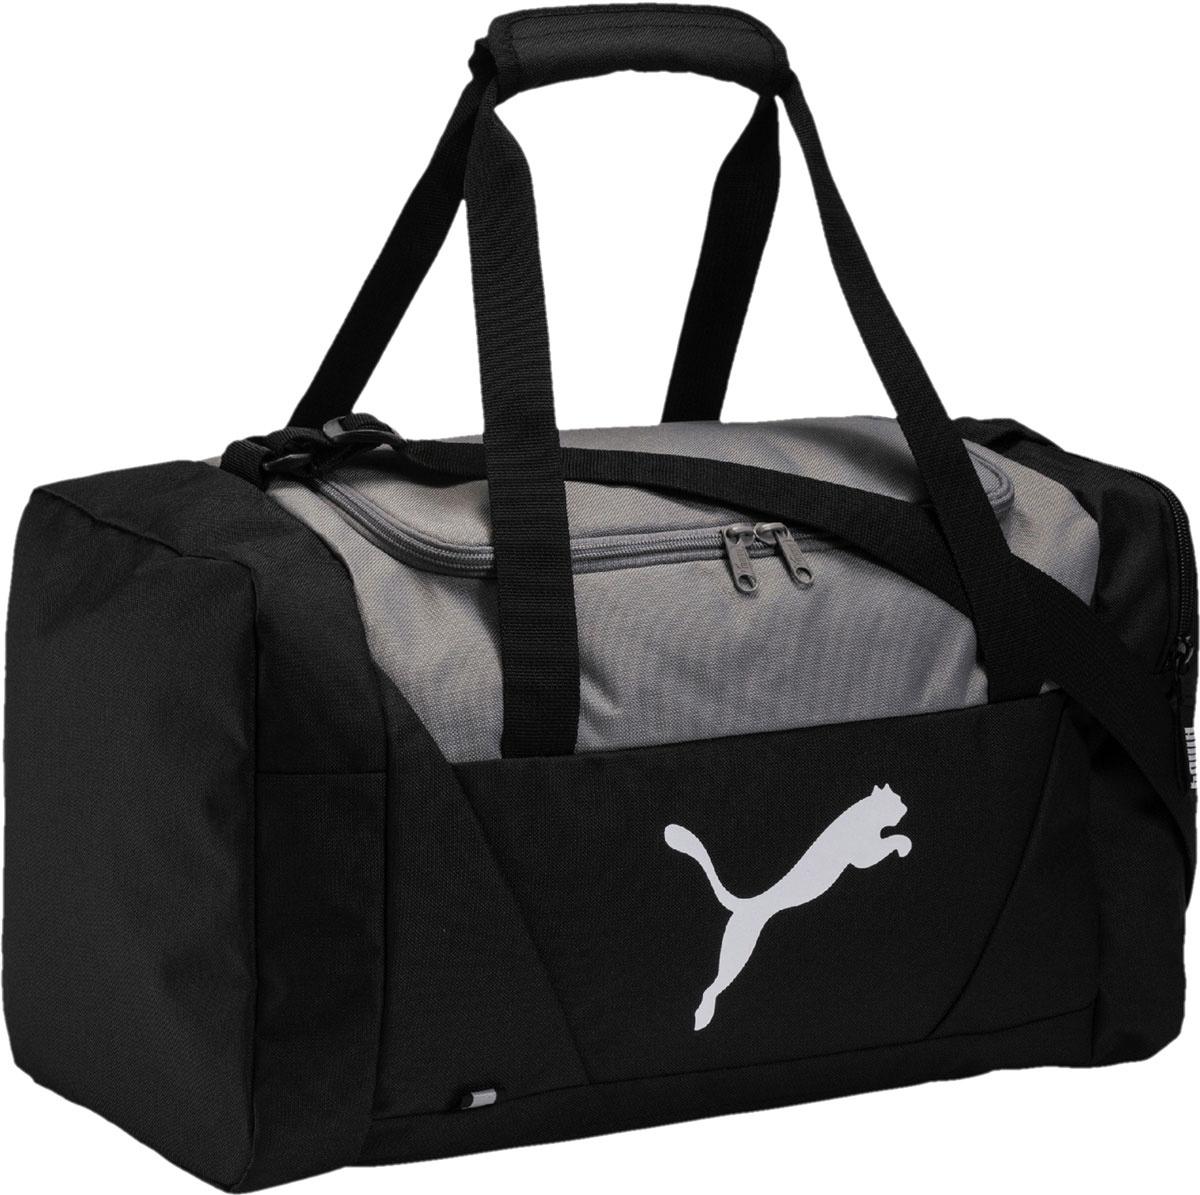 e616208a2c01 Сумка мужская Puma Fundamentals Sports Bag S, цвет: черный, 31 л. 07509601  — купить в интернет-магазине OZON.ru с быстрой доставкой